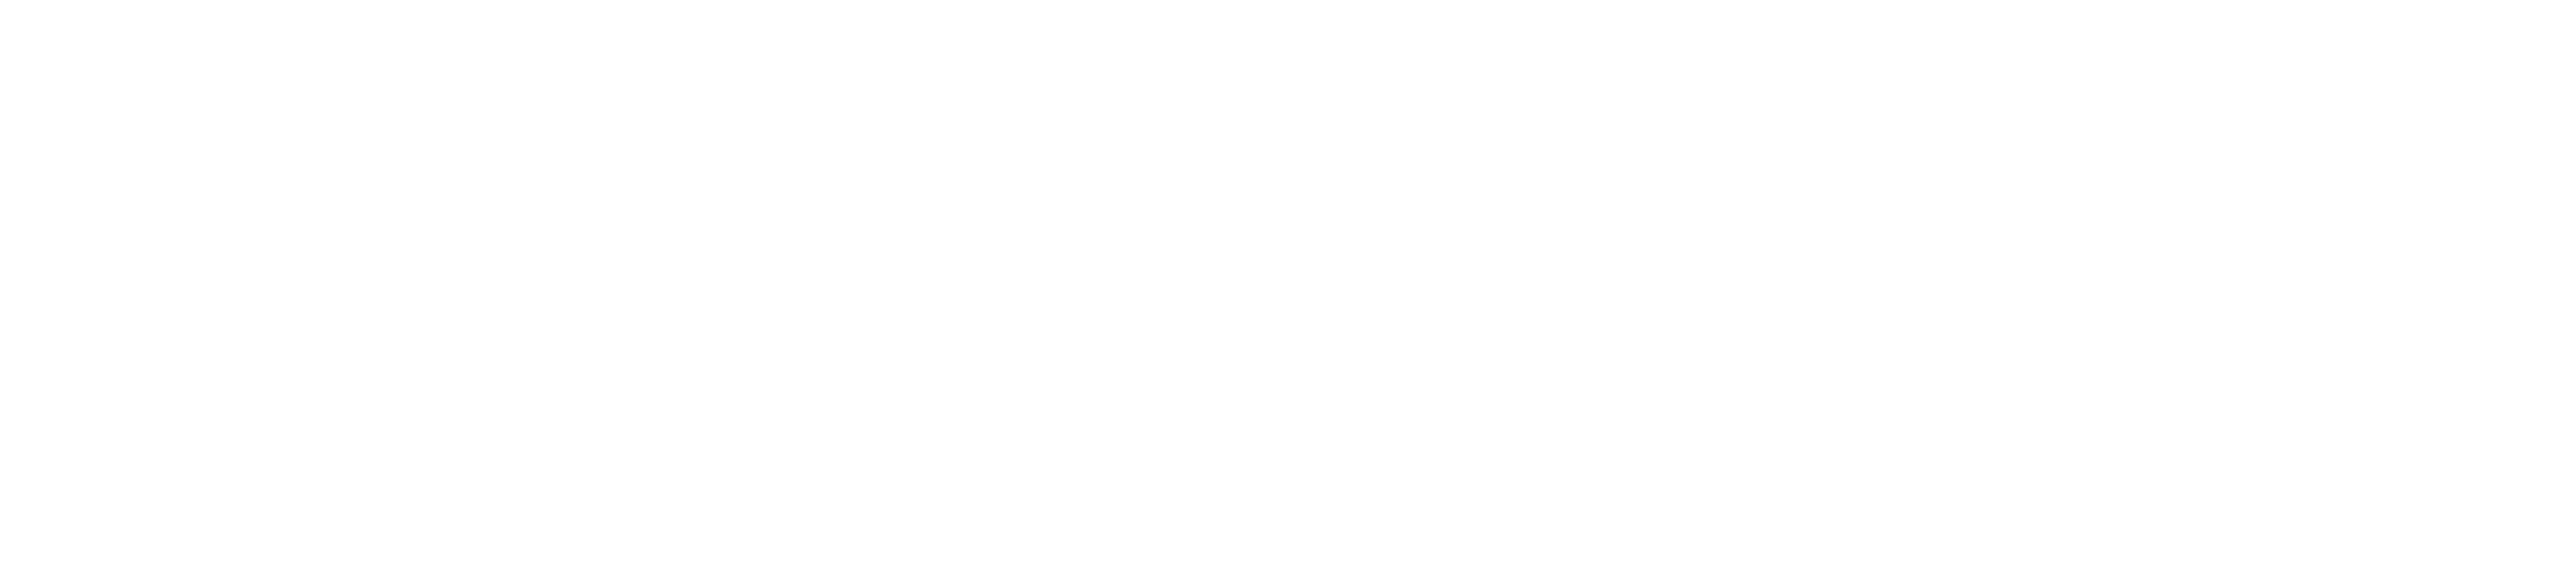 live nation logo white